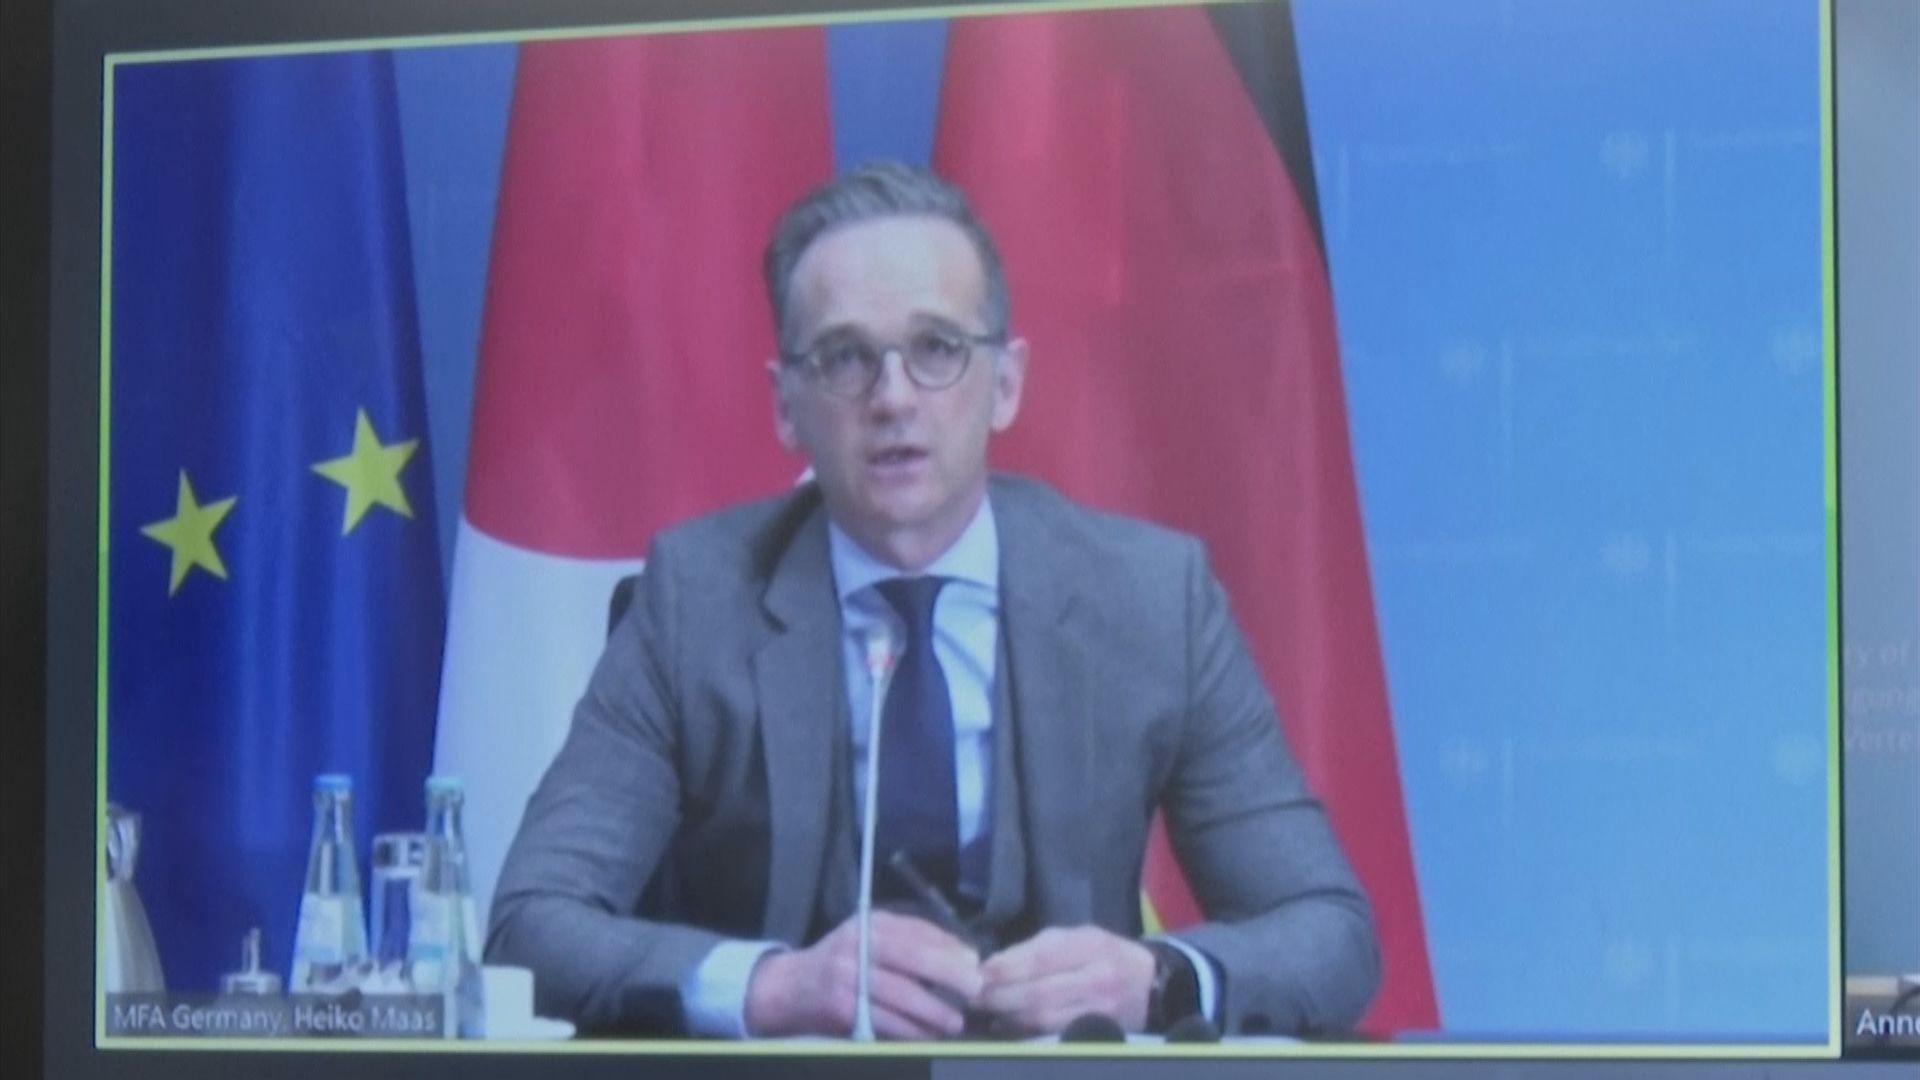 德國外長稱需加強雙邊對話 應對印太地區威脅